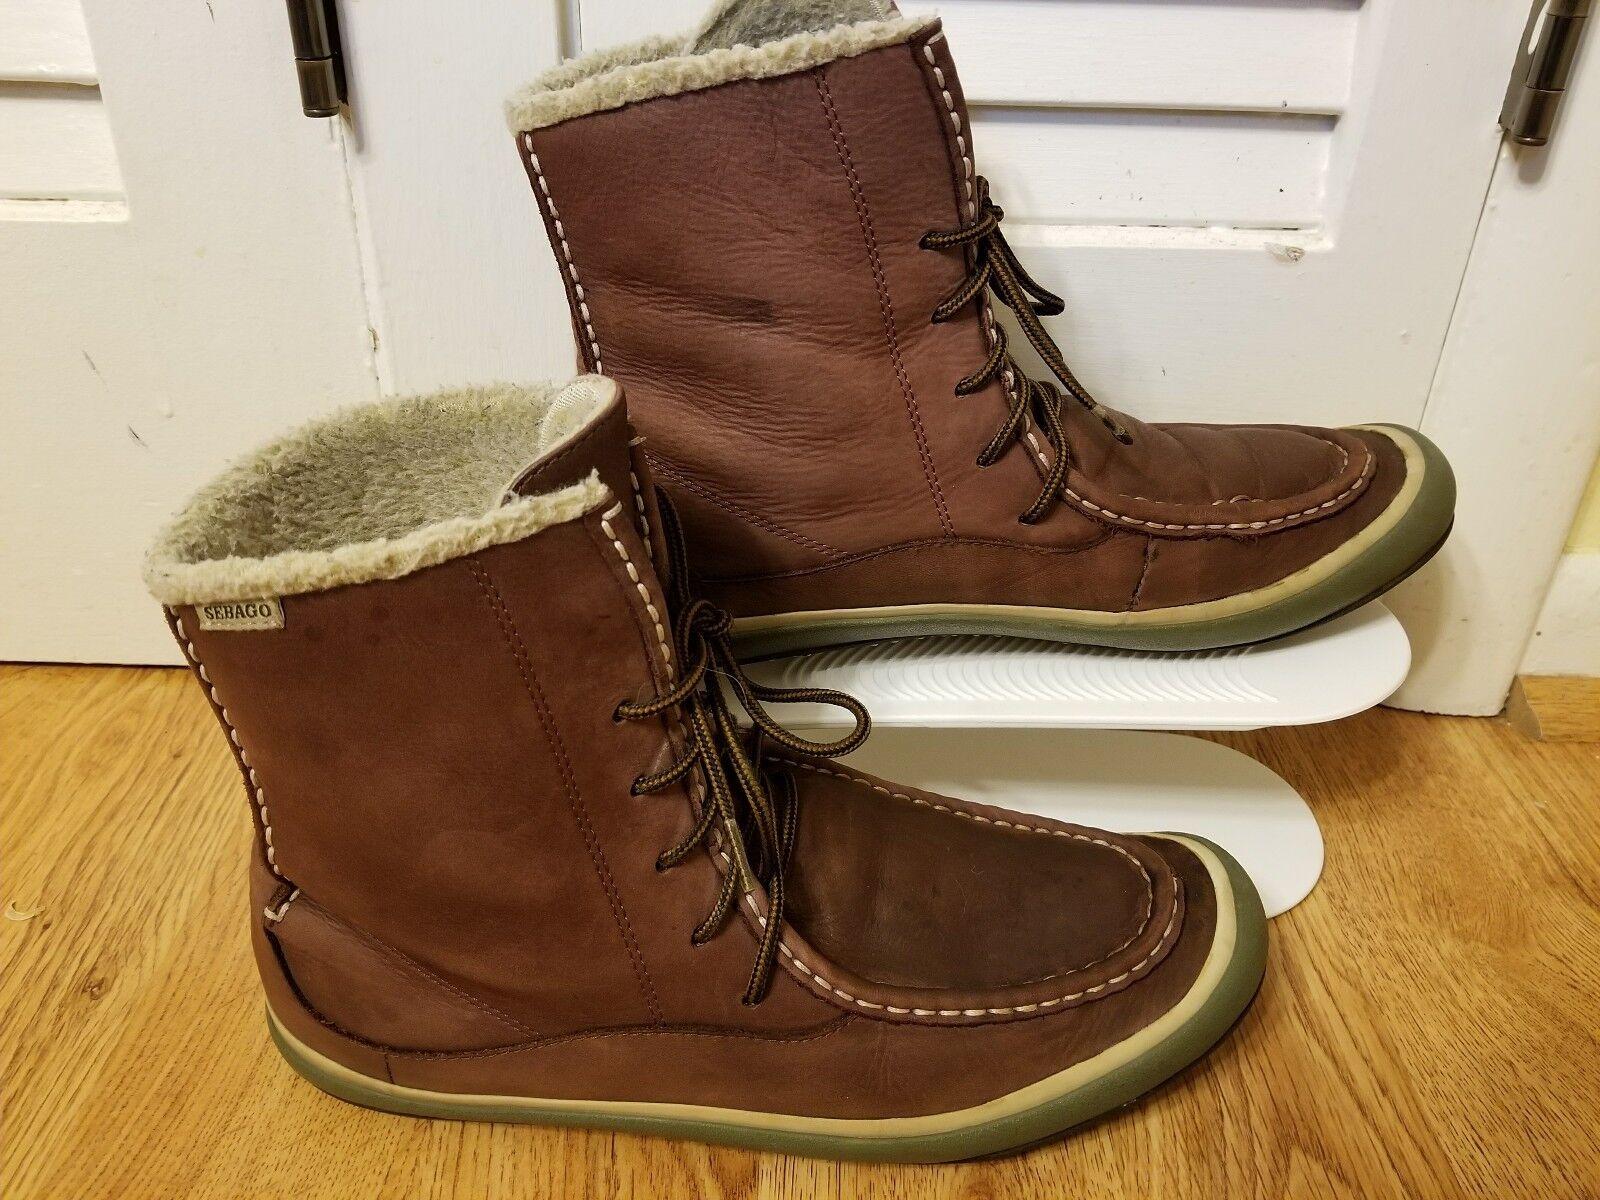 fantastica qualità Sebago Donna  Ankle Winter Winter Winter Leather stivali scarpe Dimensione 11M Marrone  colorways incredibili